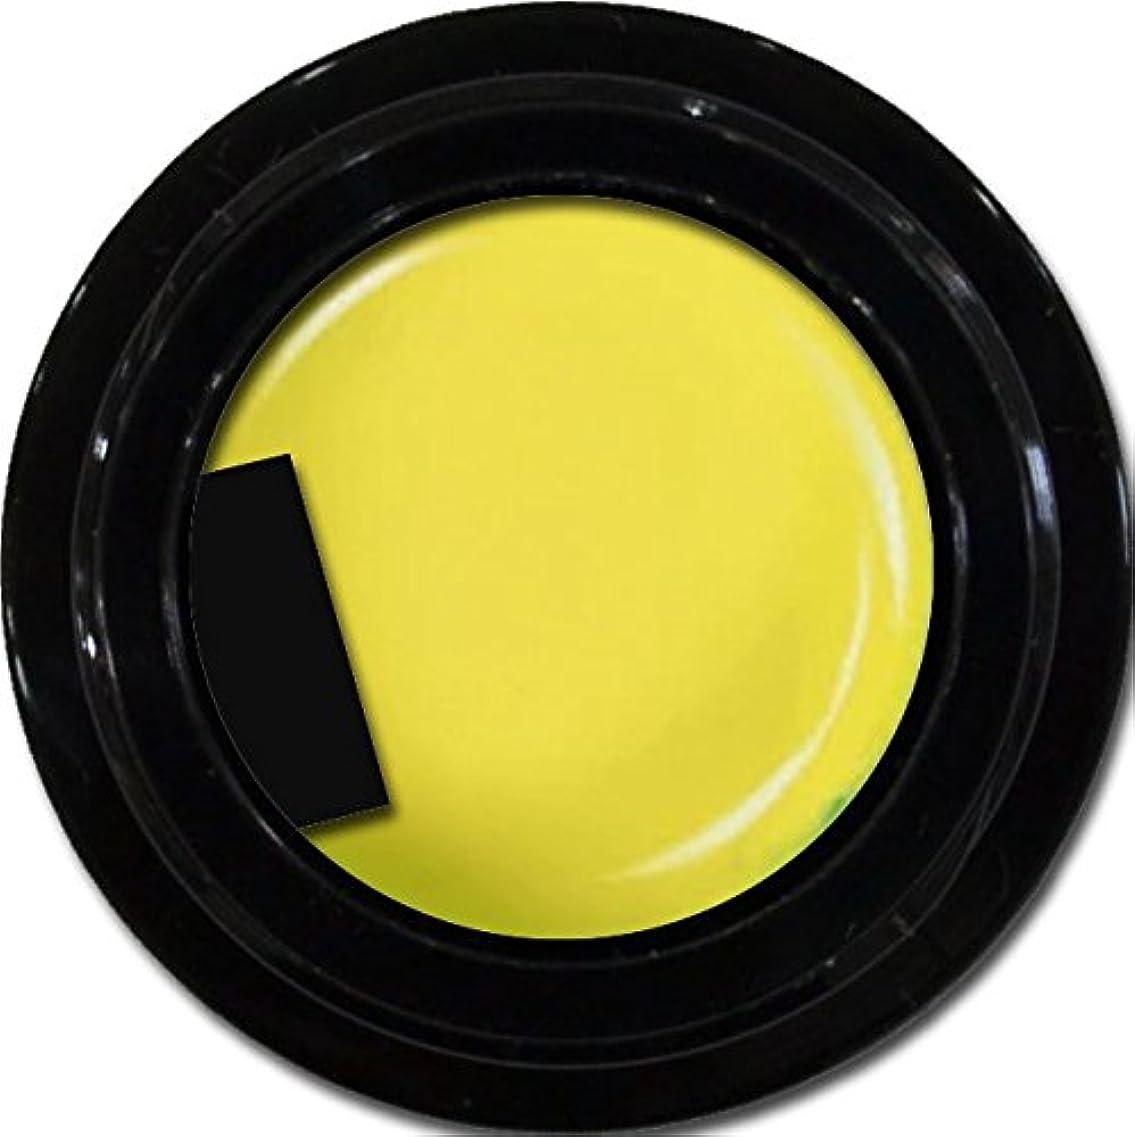 バンガロー肘変更可能カラージェル enchant color gel M602 MoroccoYellow 3g/ マットカラージェル M602 モロッコイエロー 3グラム